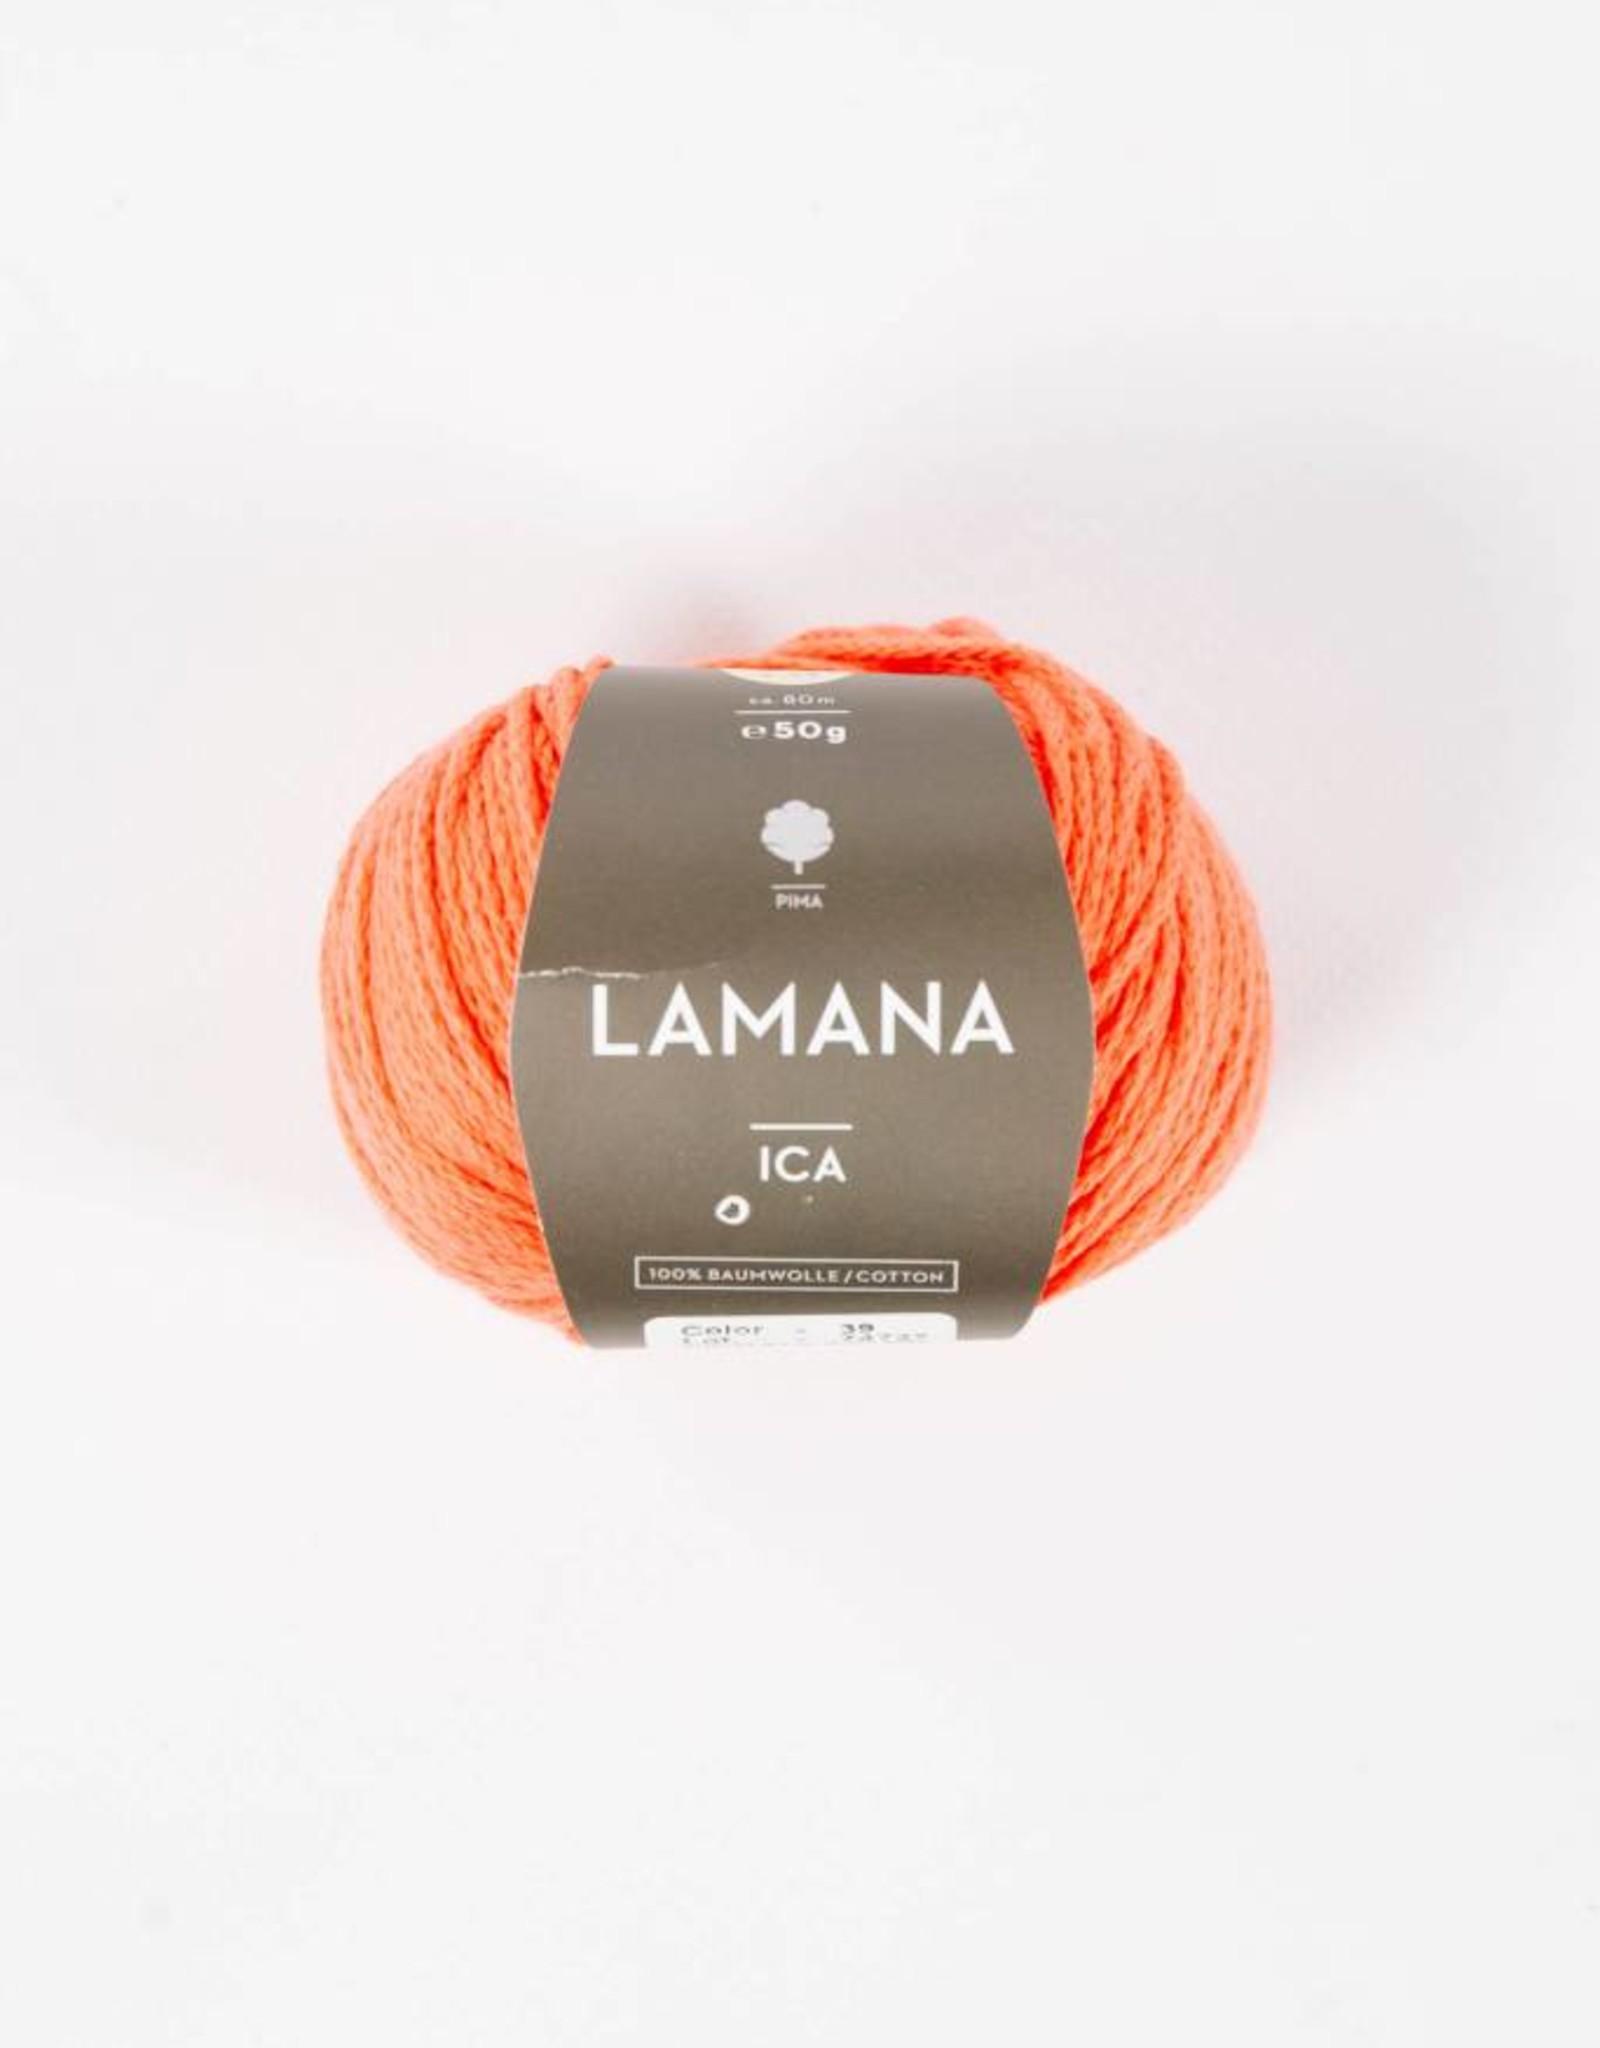 LAMANA LAMANA - Ica 39